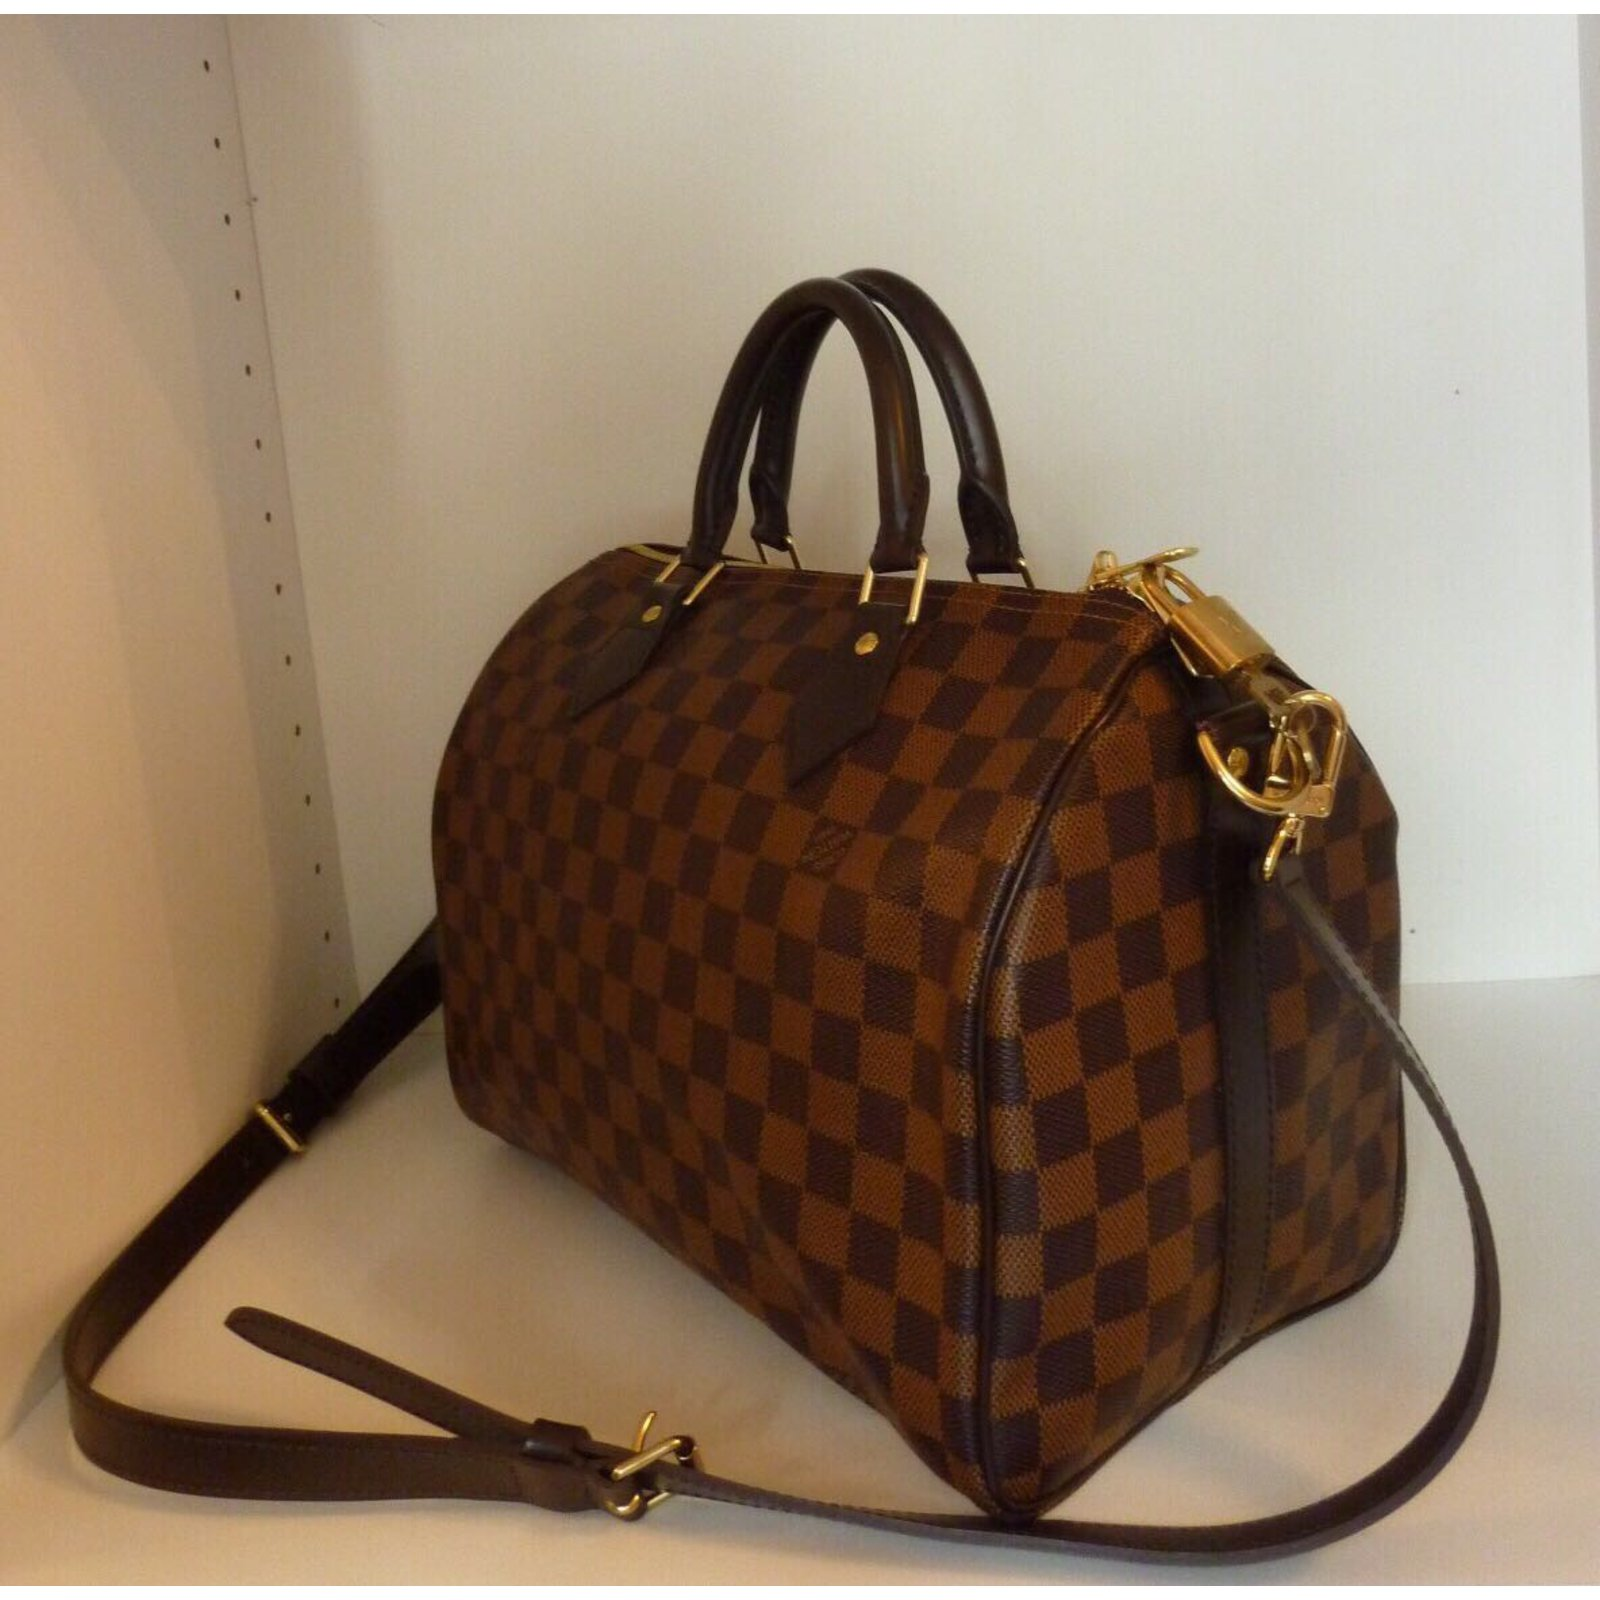 9bedb1ffcfb Sacs à main Louis Vuitton Superbe Sac Louis Vuitton Speedy 30 à bandoulière  à damier ébène ! Cuir